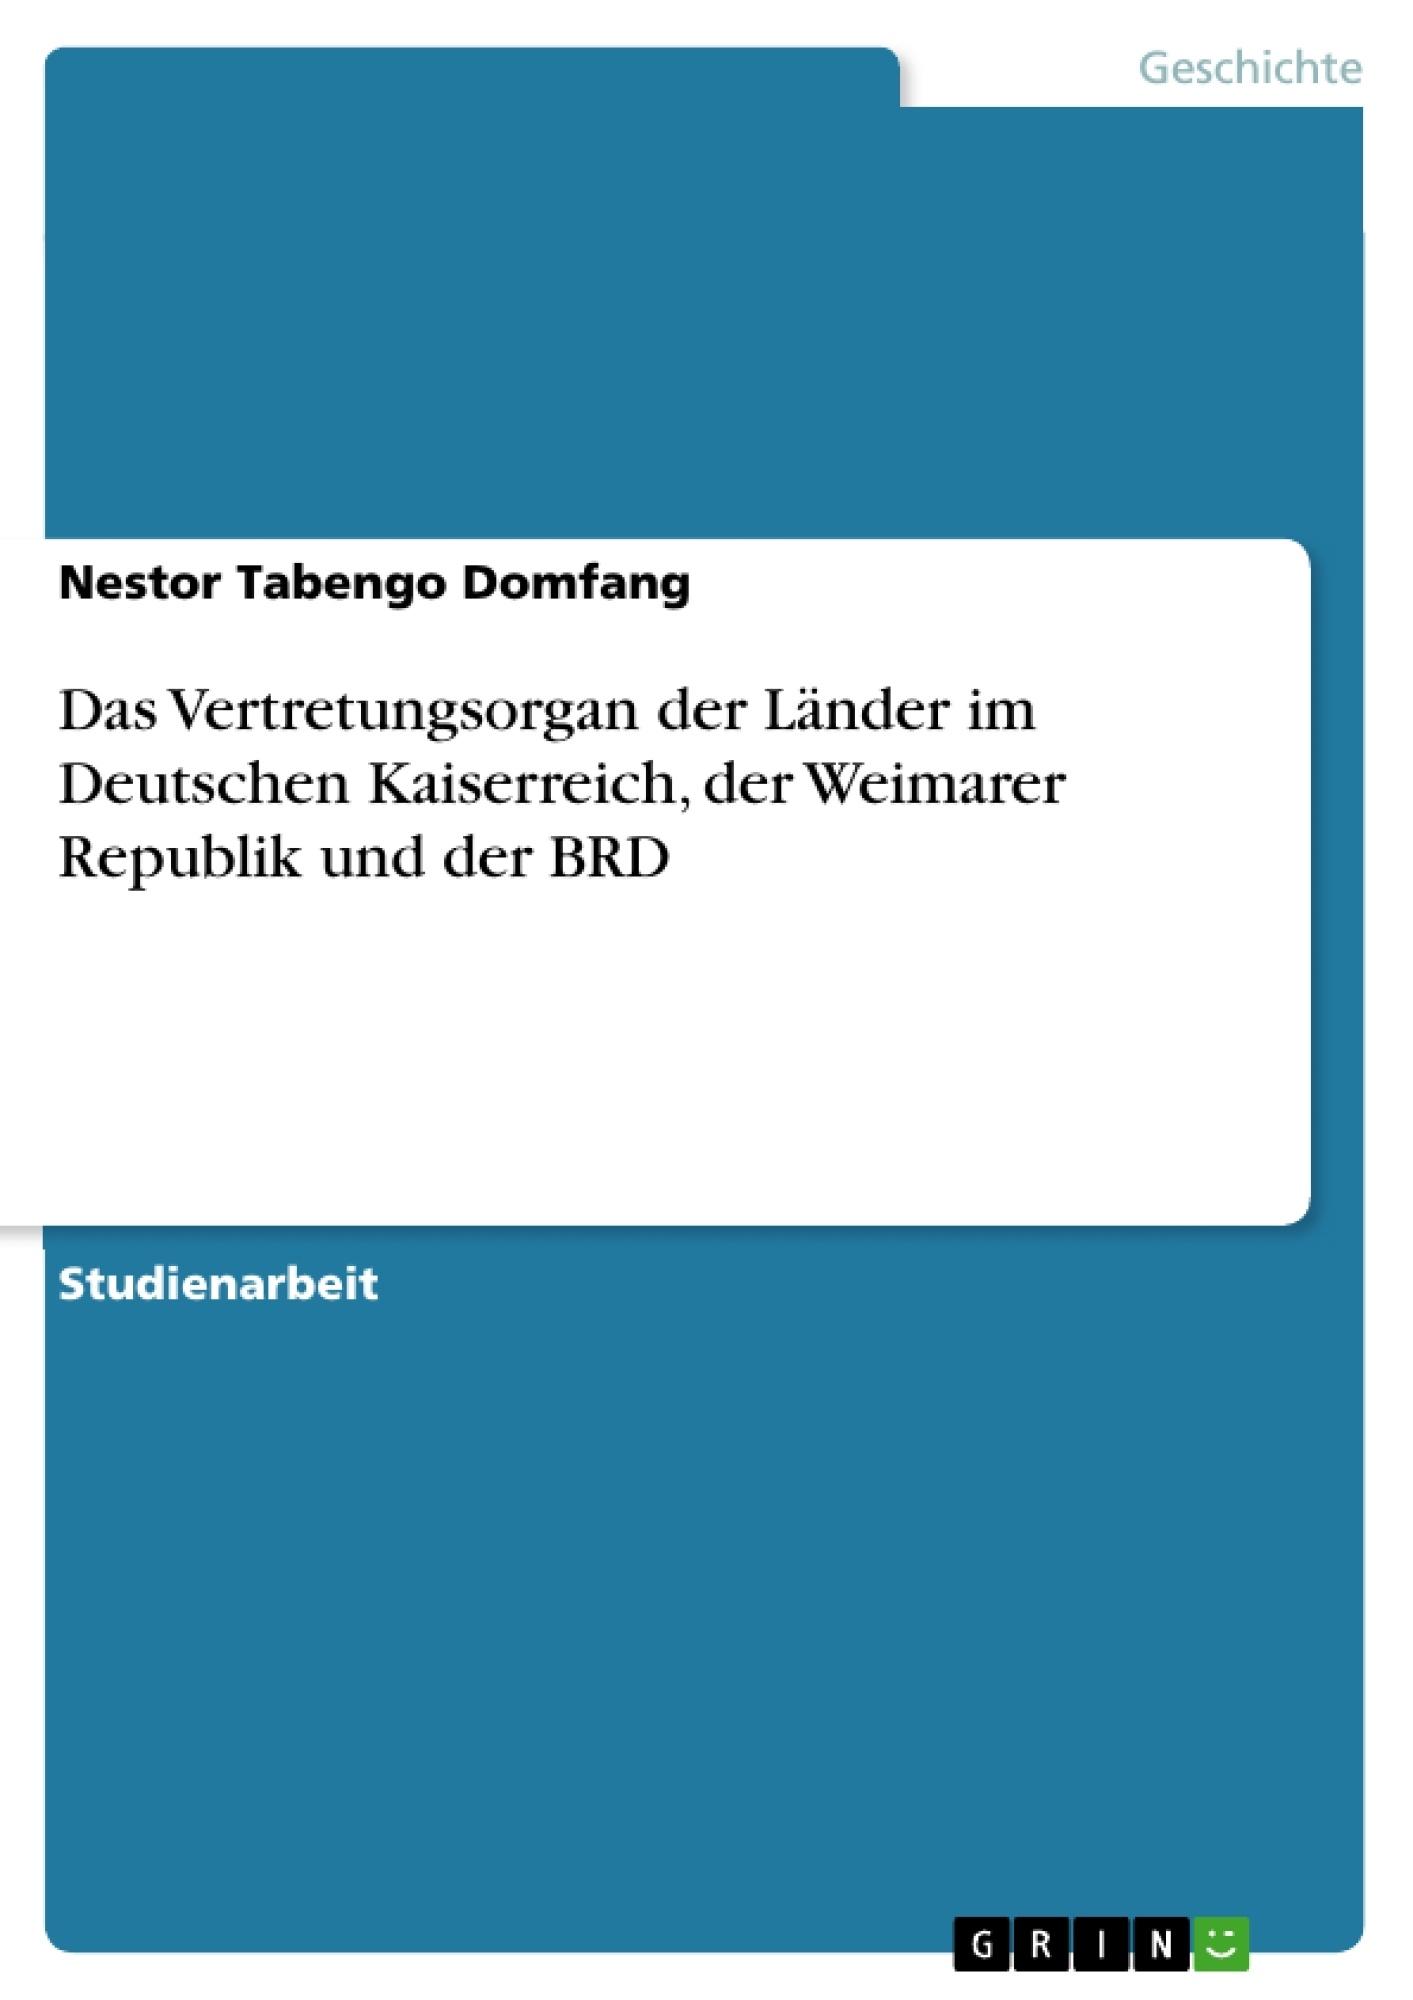 Titel: Das Vertretungsorgan der Länder im Deutschen Kaiserreich, der Weimarer Republik und der BRD